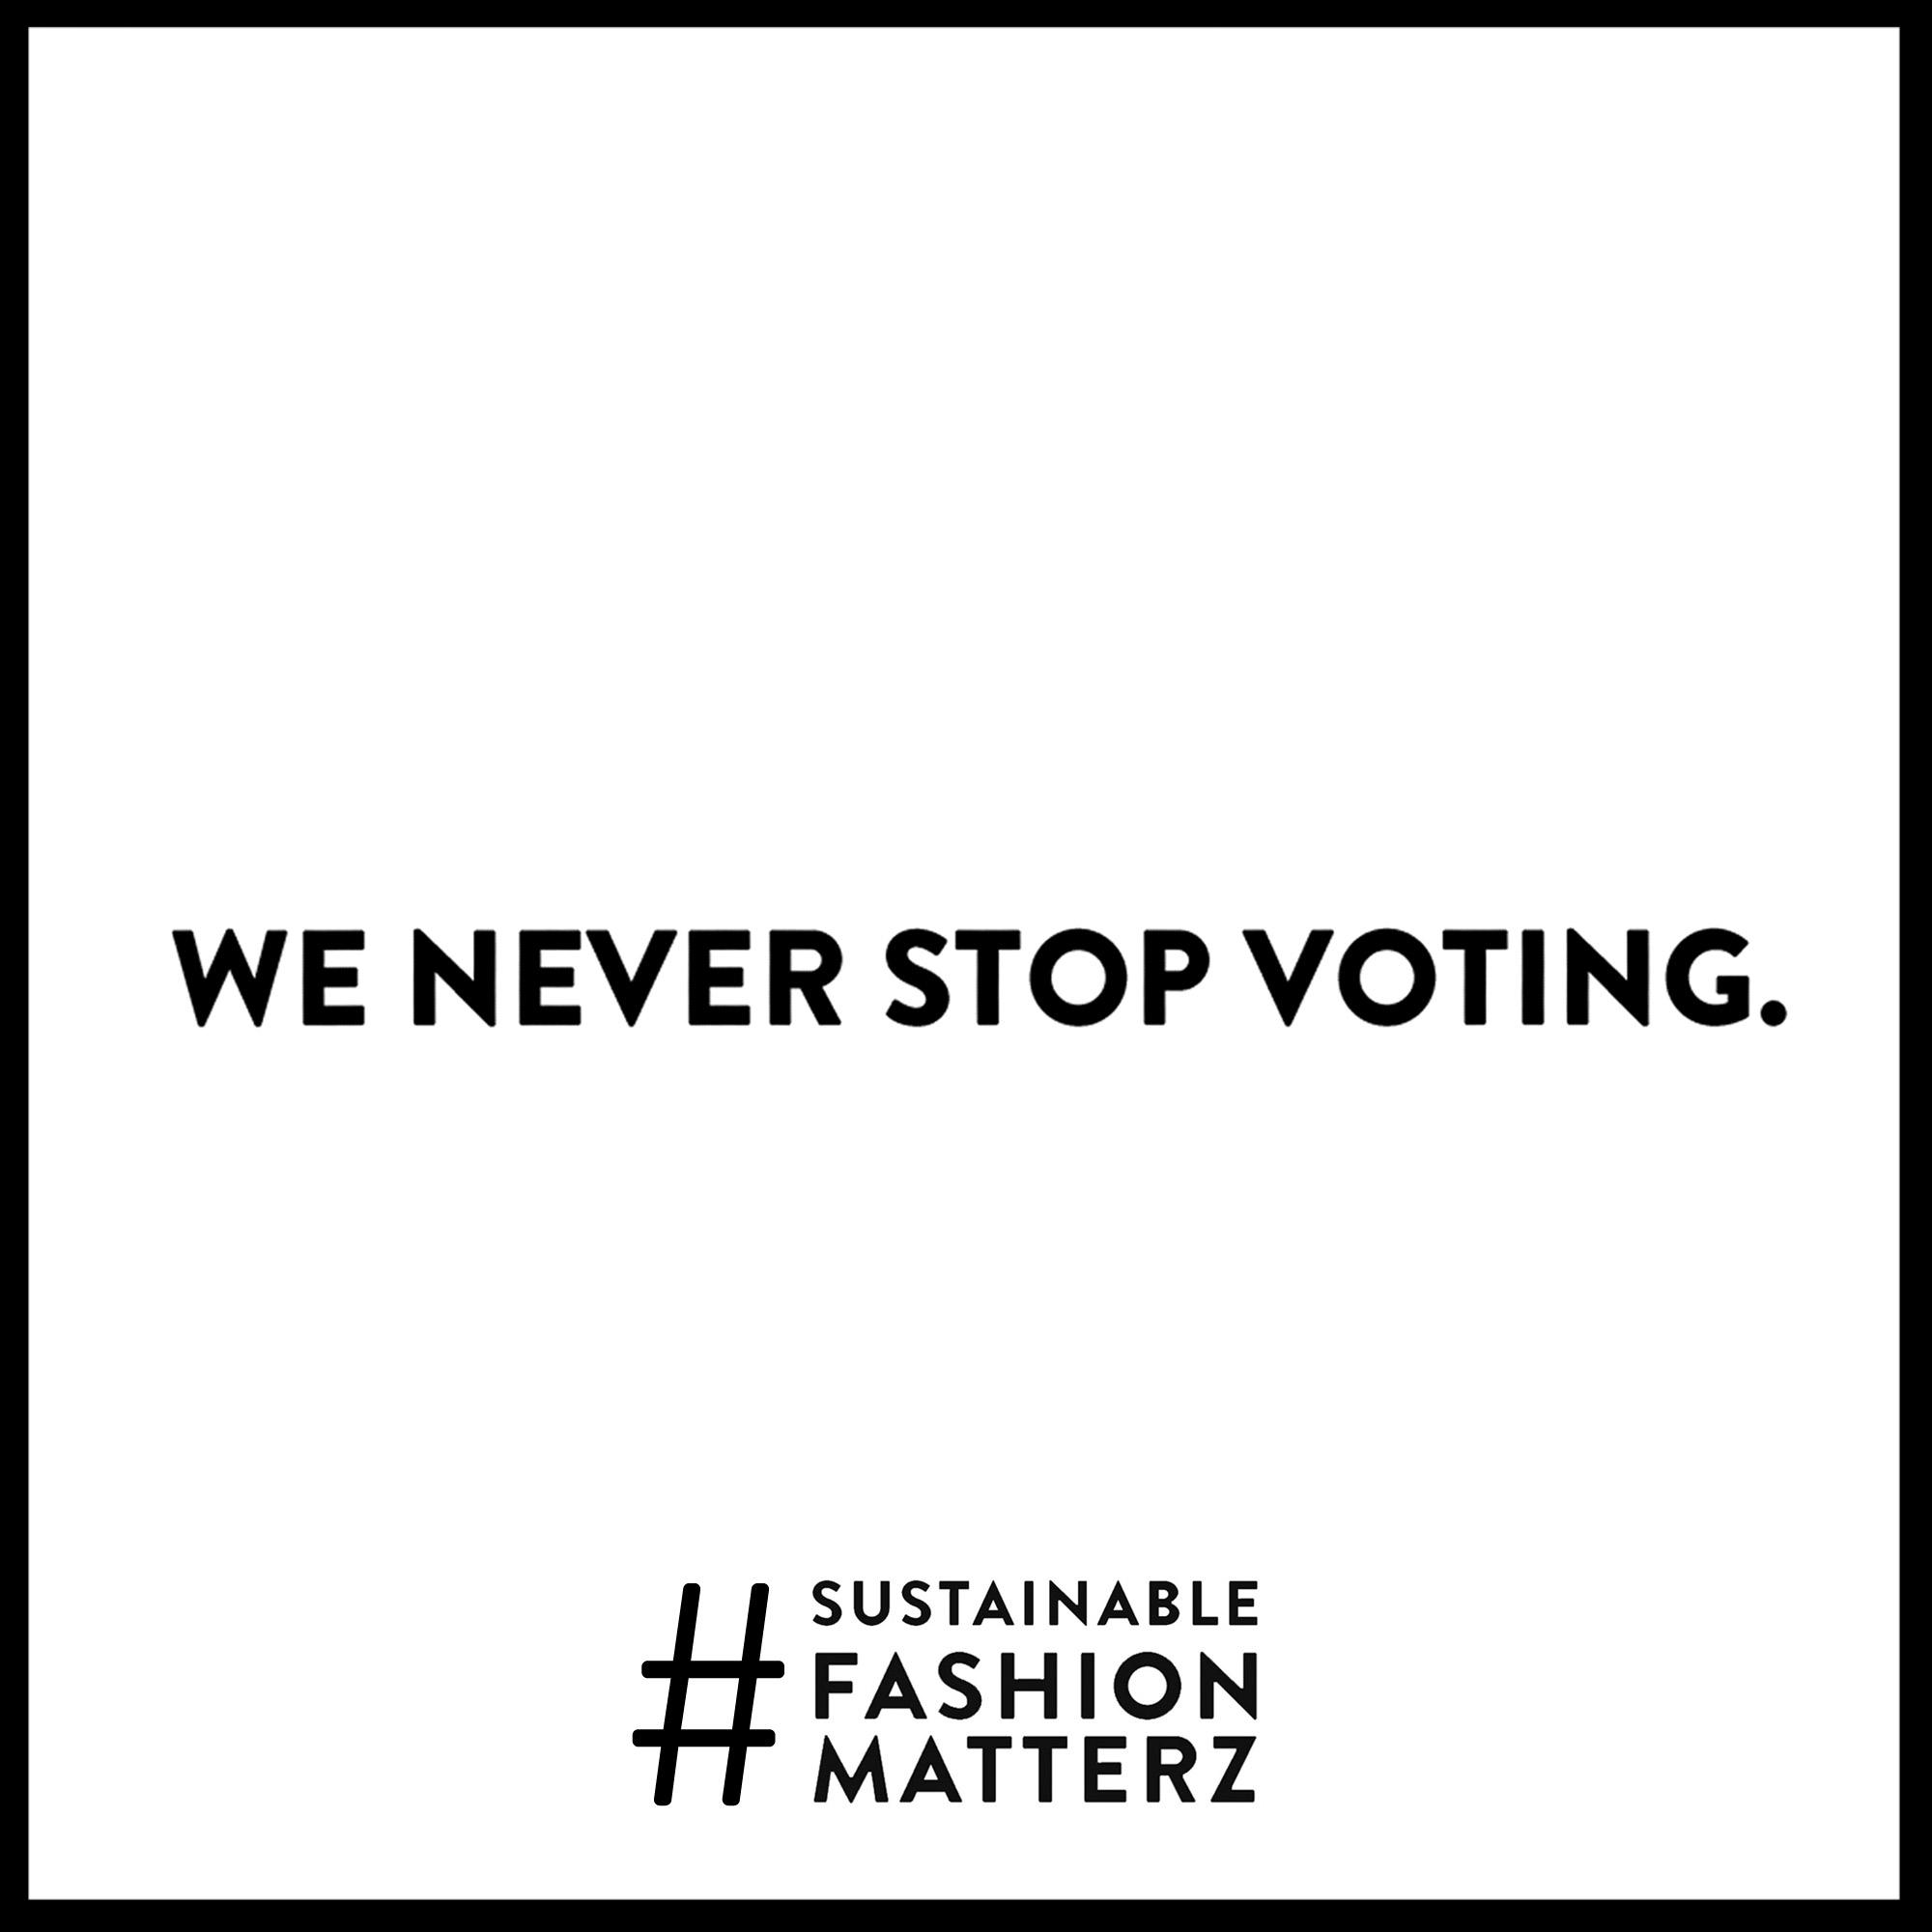 vote-sustainable-fashion-matterz.jpg